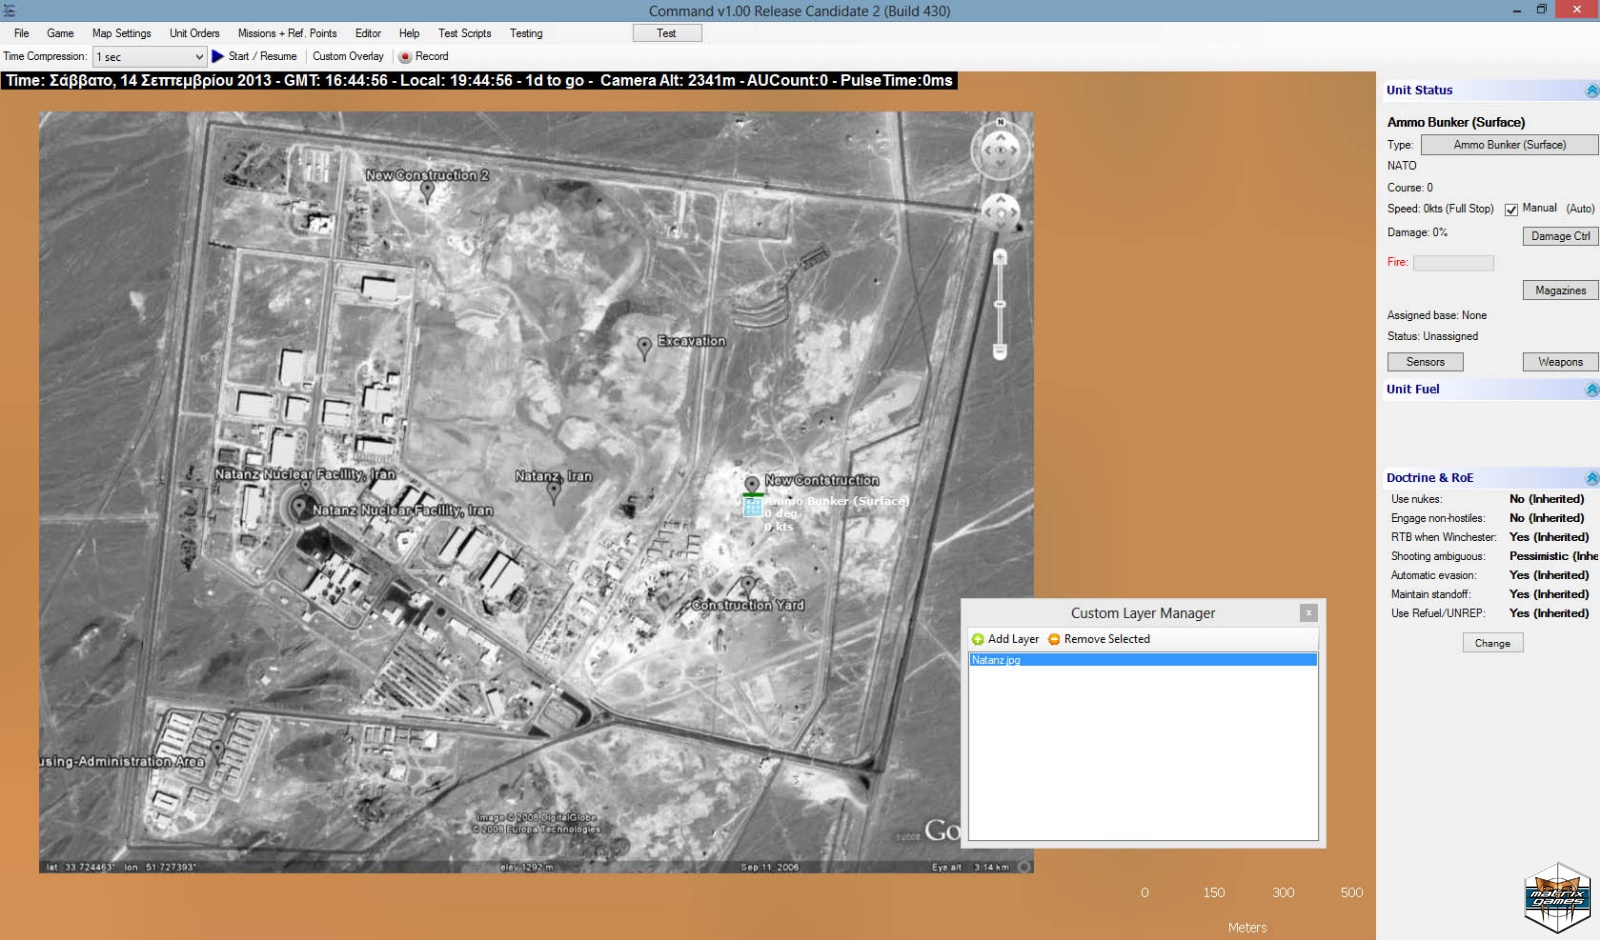 command-modern-air-naval-operations-screenshot-008